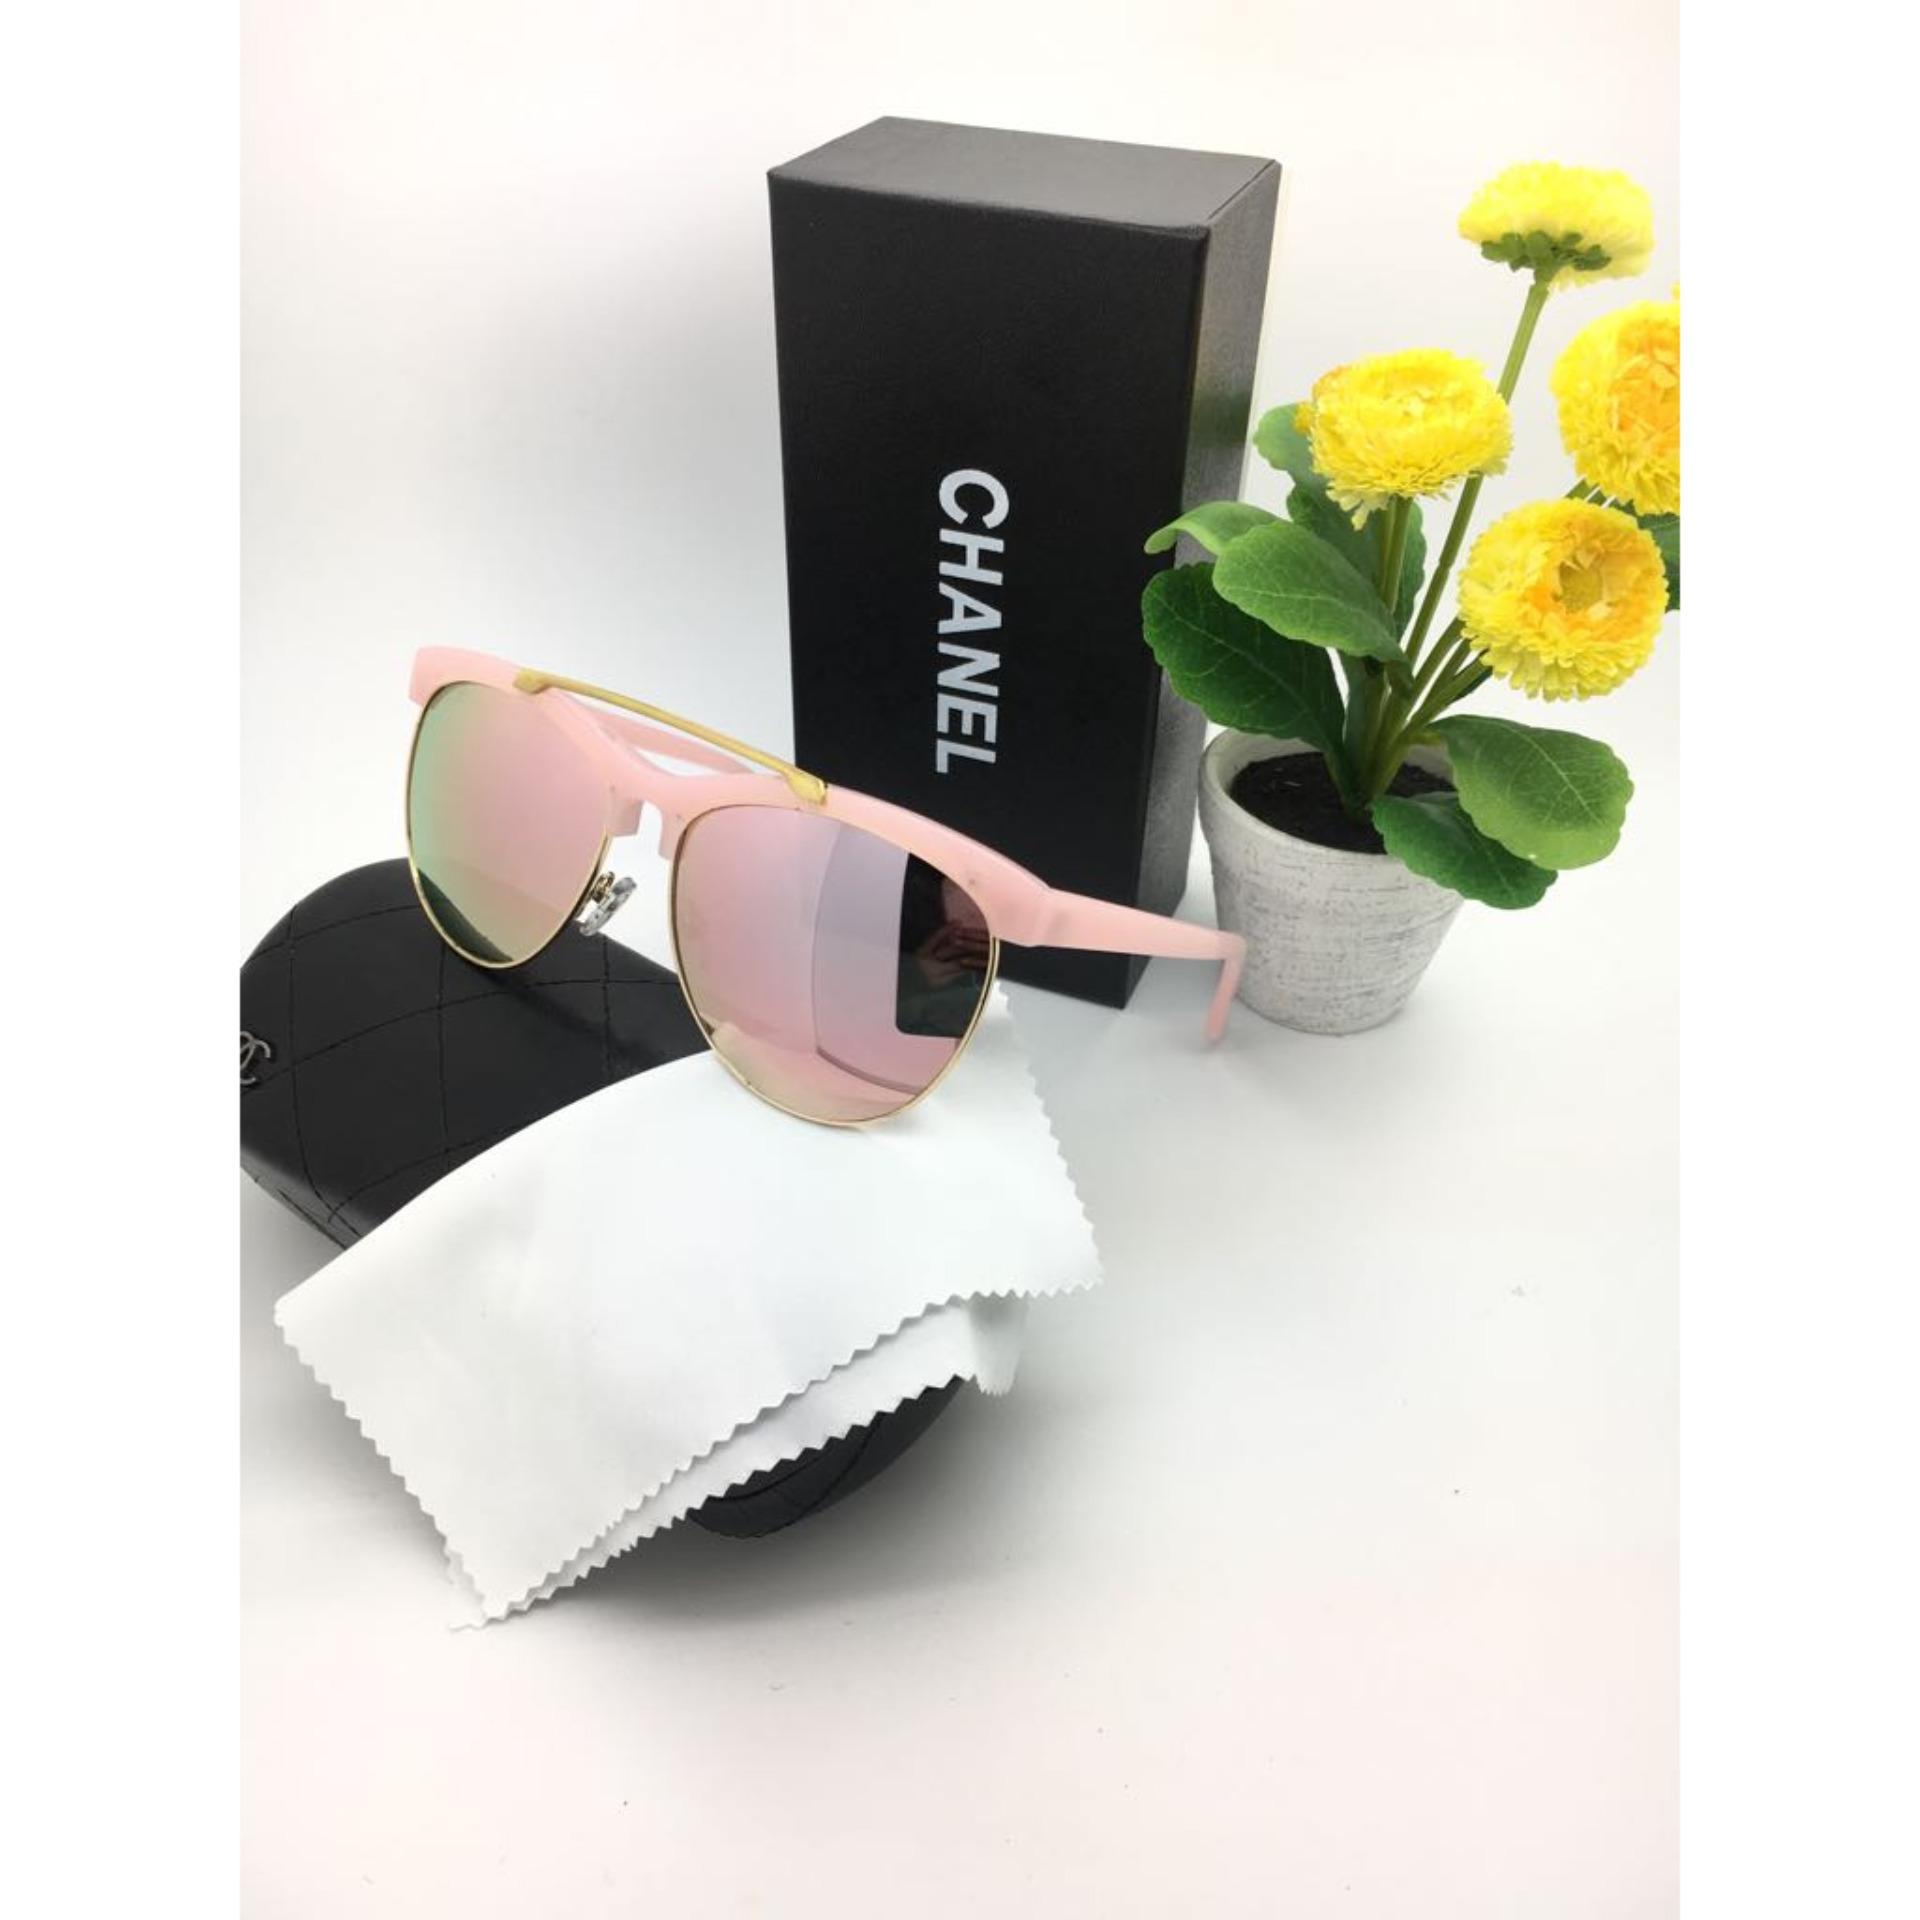 KACA MATA WANITA IMPORT CHANEL 8087. Flash Sale Kacamata Chanel CH-340 2b8b5f0b0e